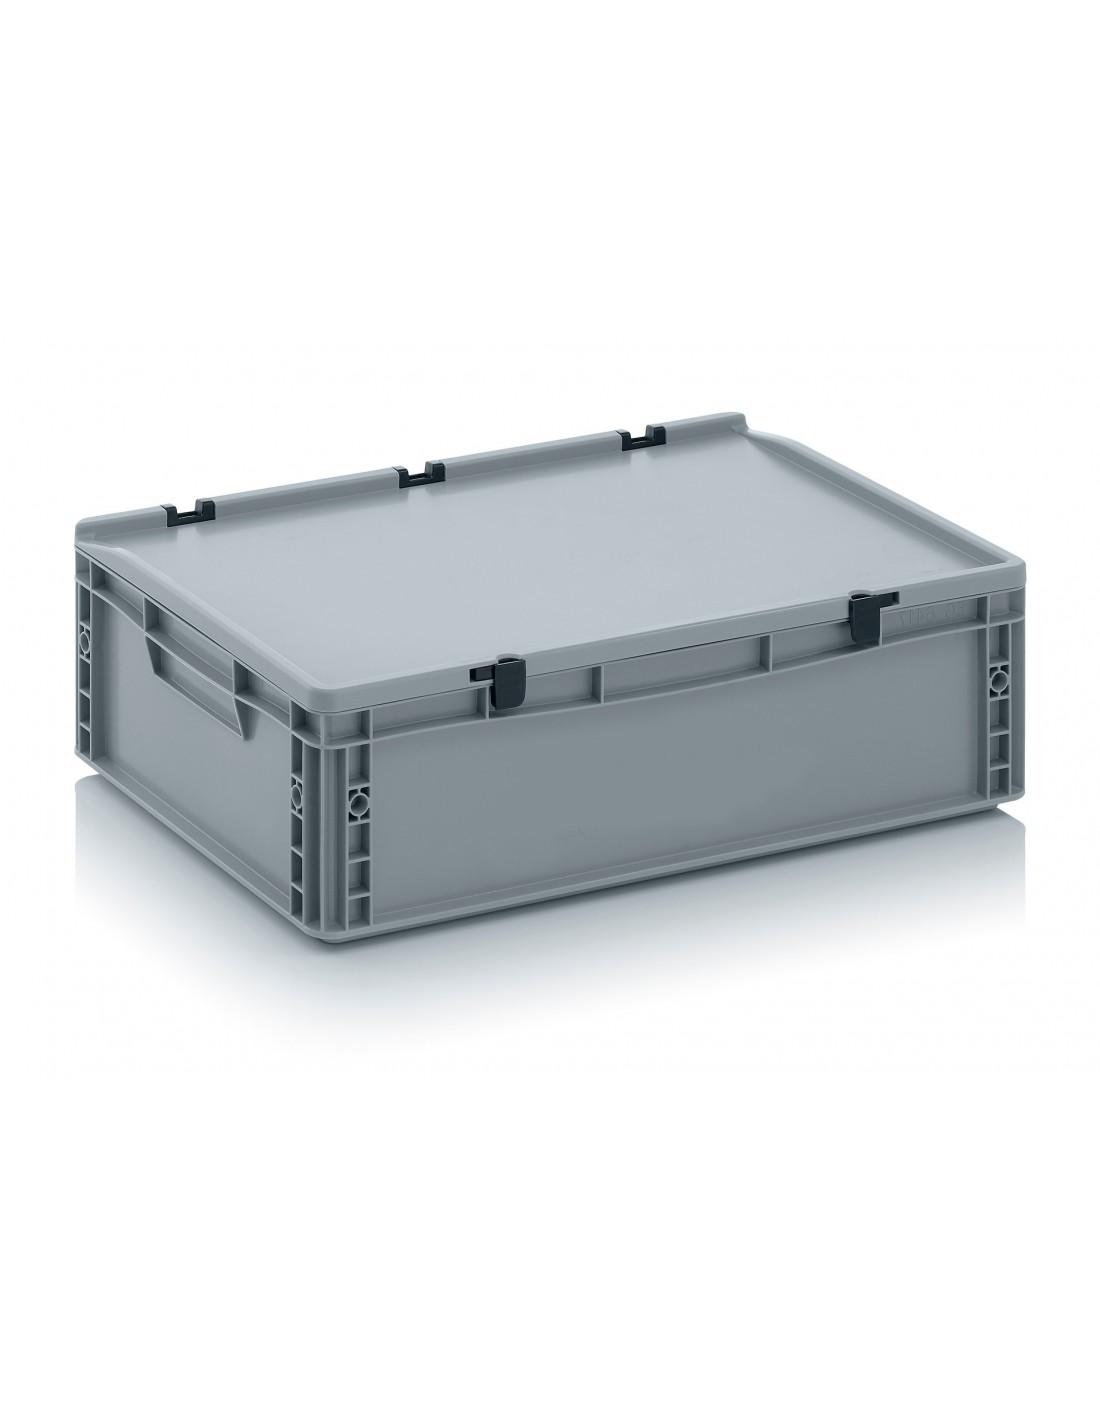 600 x 400 x 170 mm, Eurobehälter mit Schanierdeckel